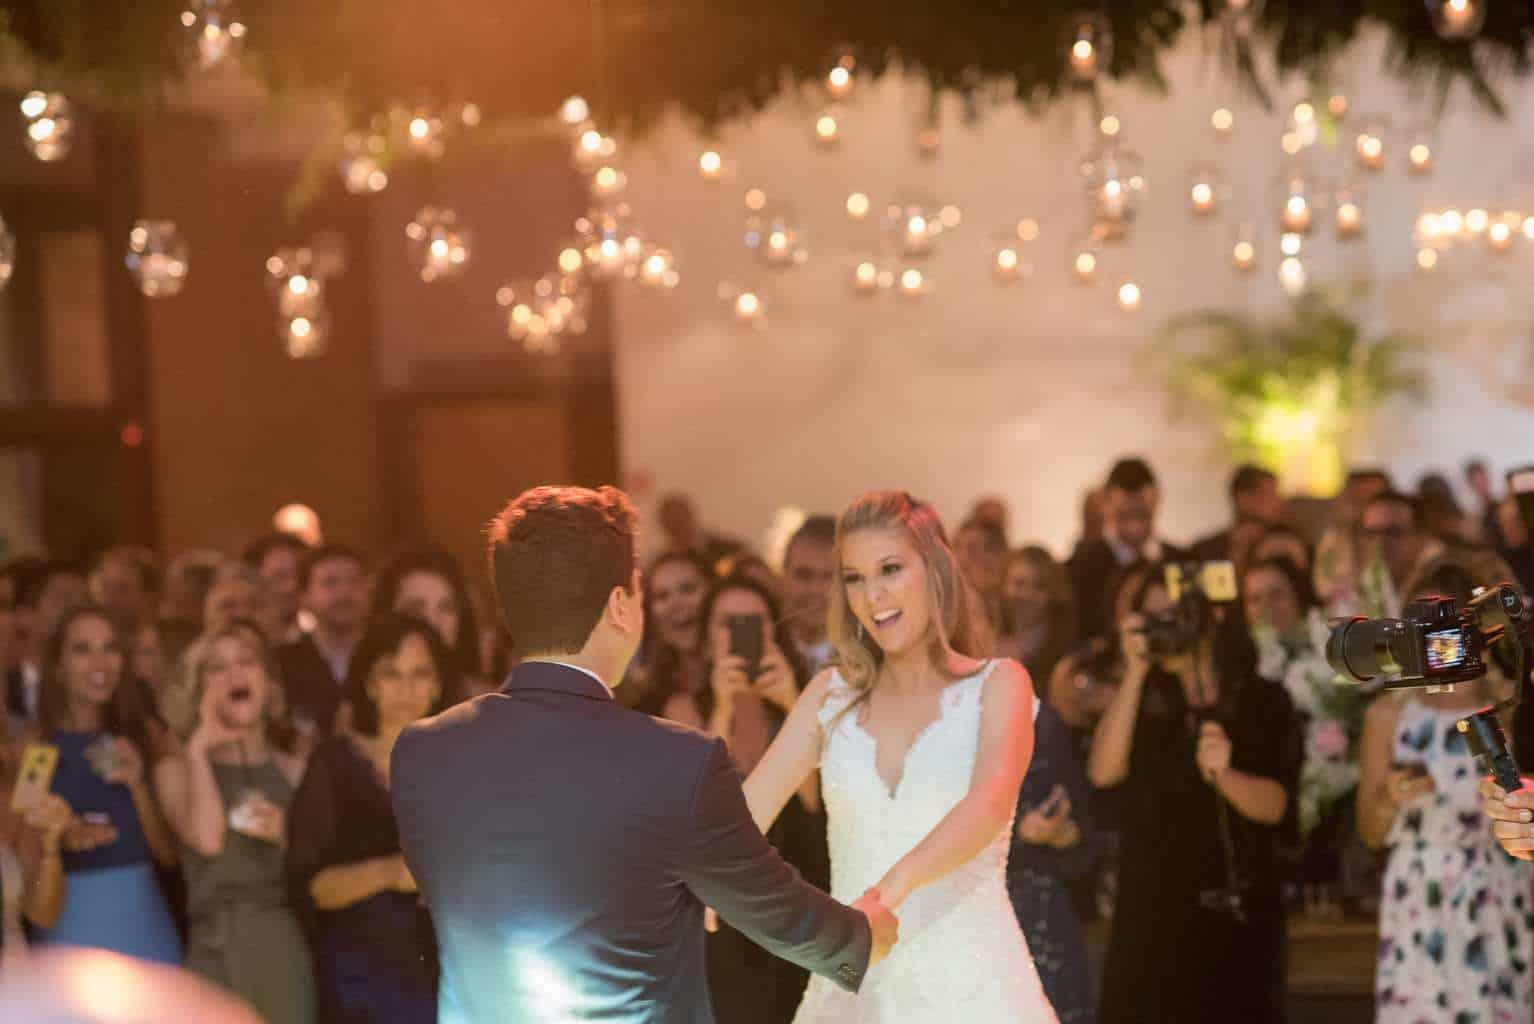 casamento-de-dia-casamento-Nicole-e-Thales-casamento-no-jardim-csasamento-ao-ar-livre-Fotografia-Marina-Fava-Galeria-Jardim-Rio-de-Janeiro-127